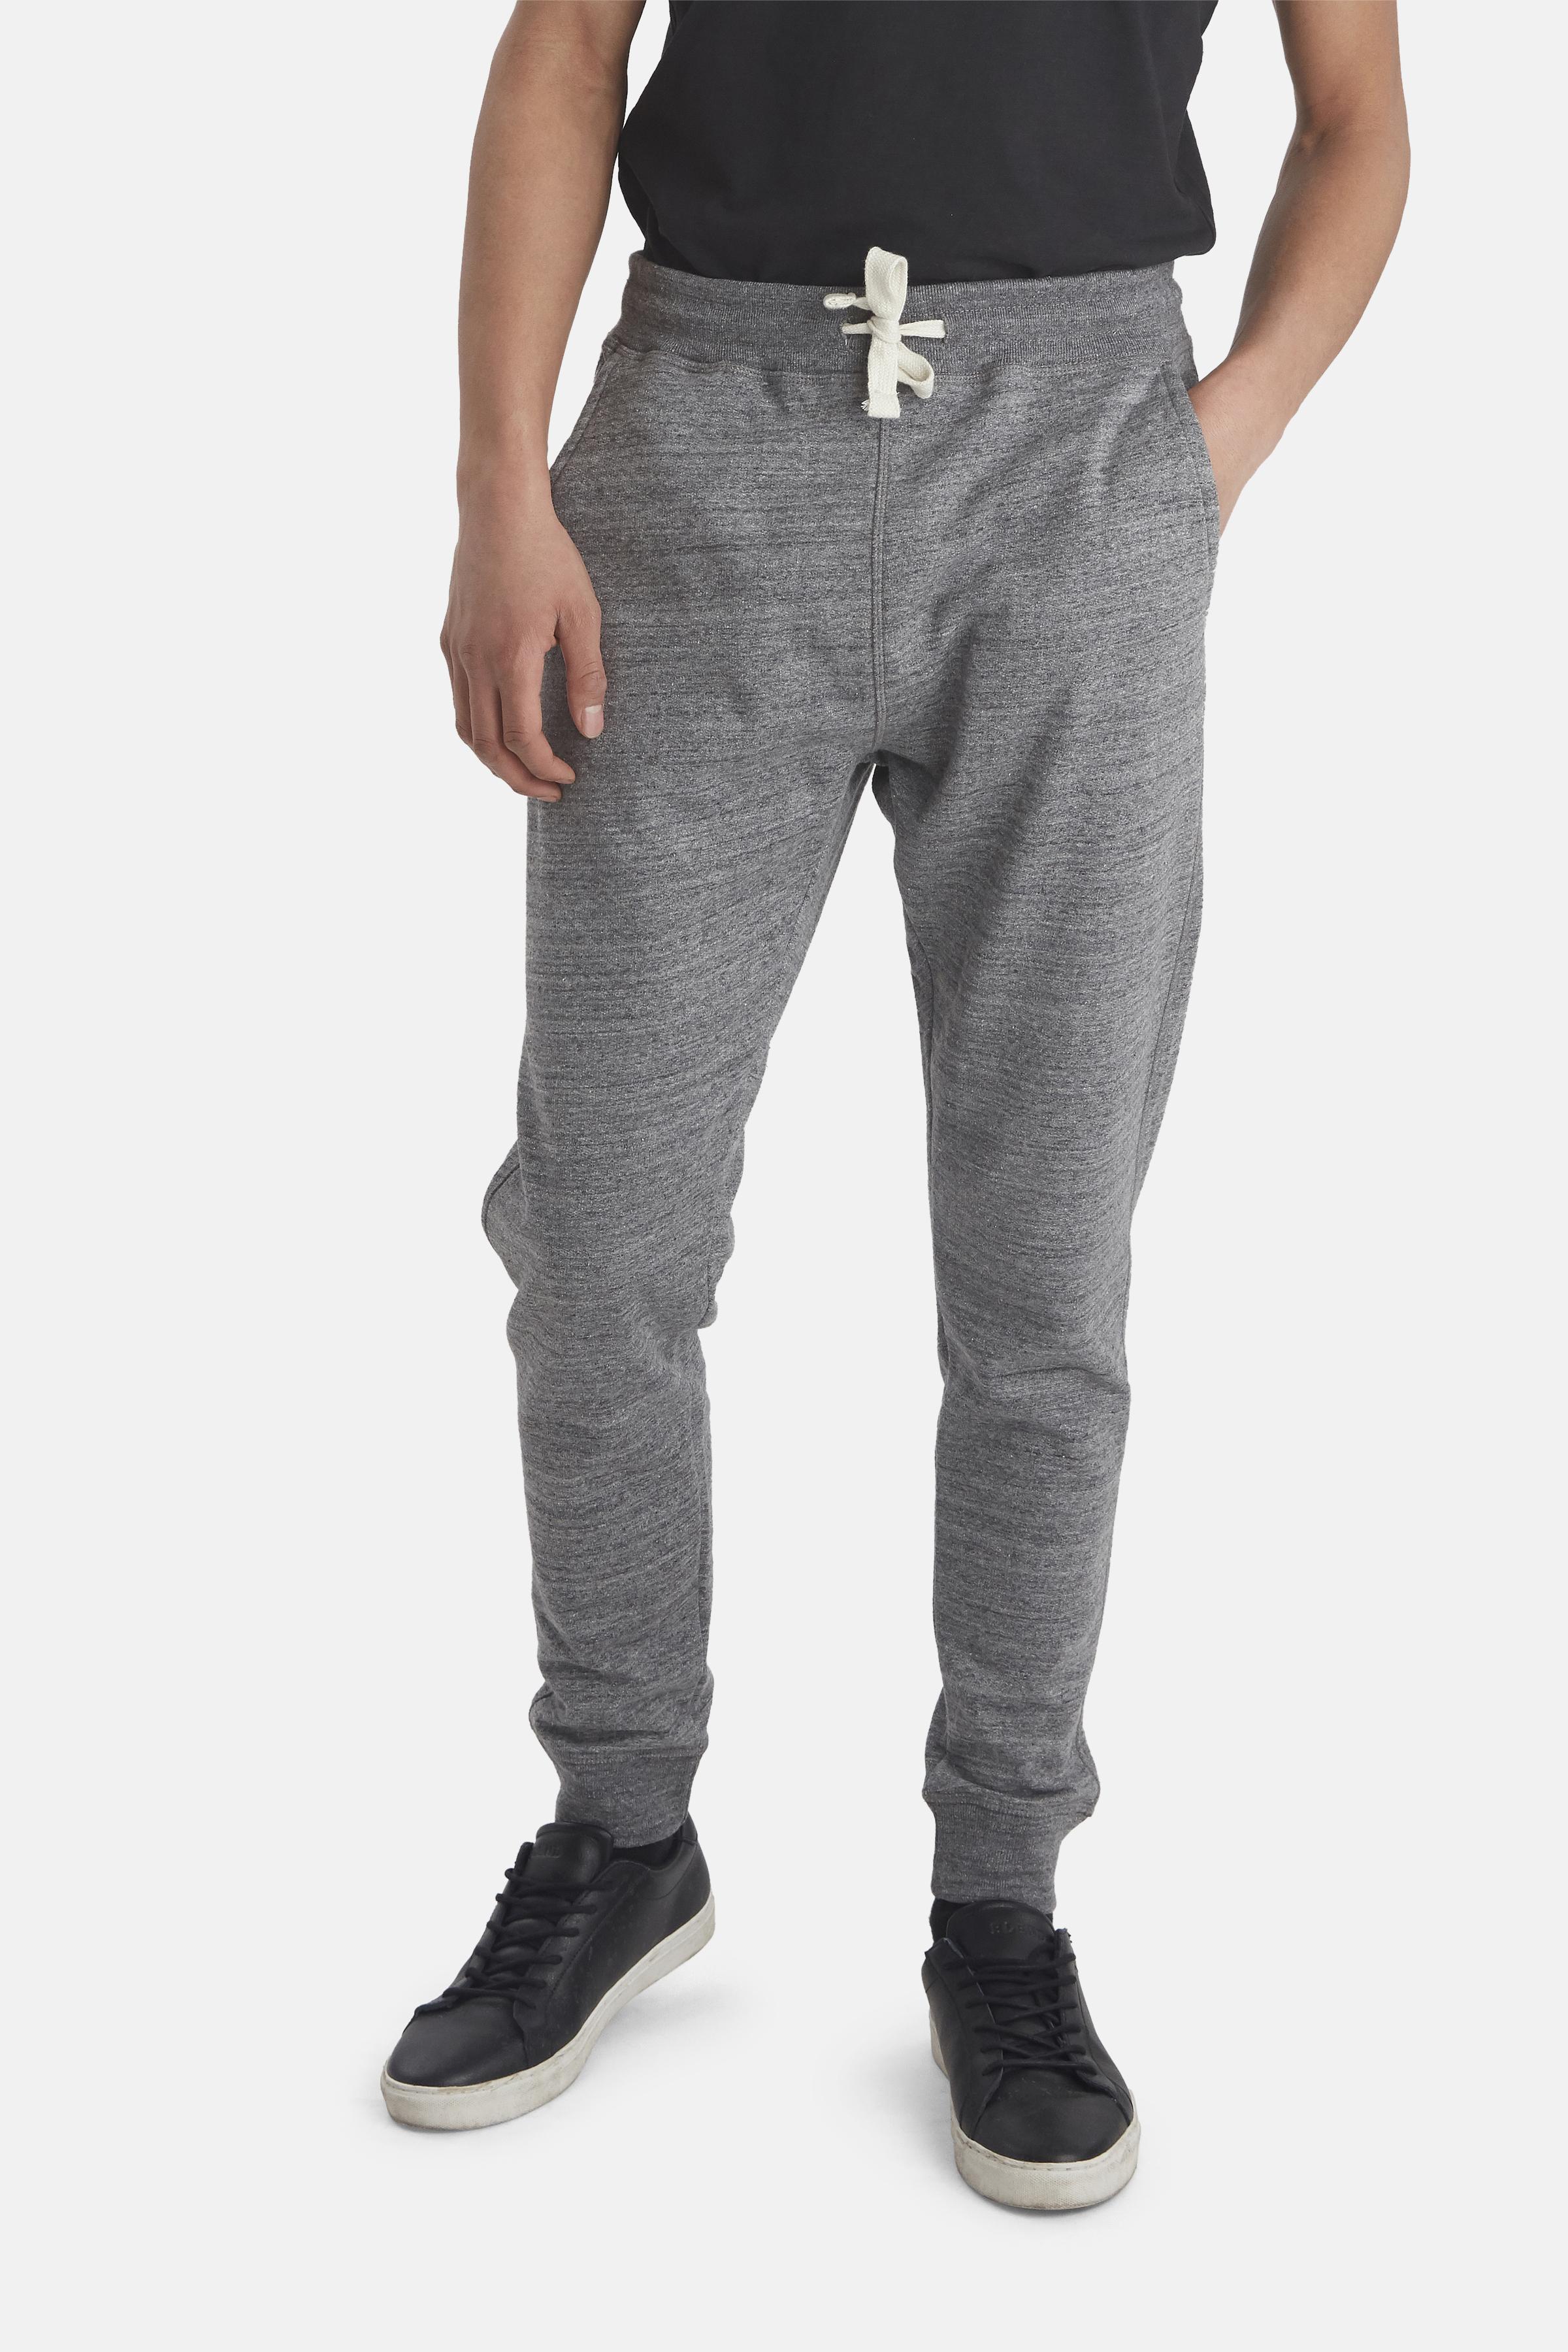 Pewter mix Pants-knitted fra Blend He – Køb Pewter mix Pants-knitted fra str. S-3XL her